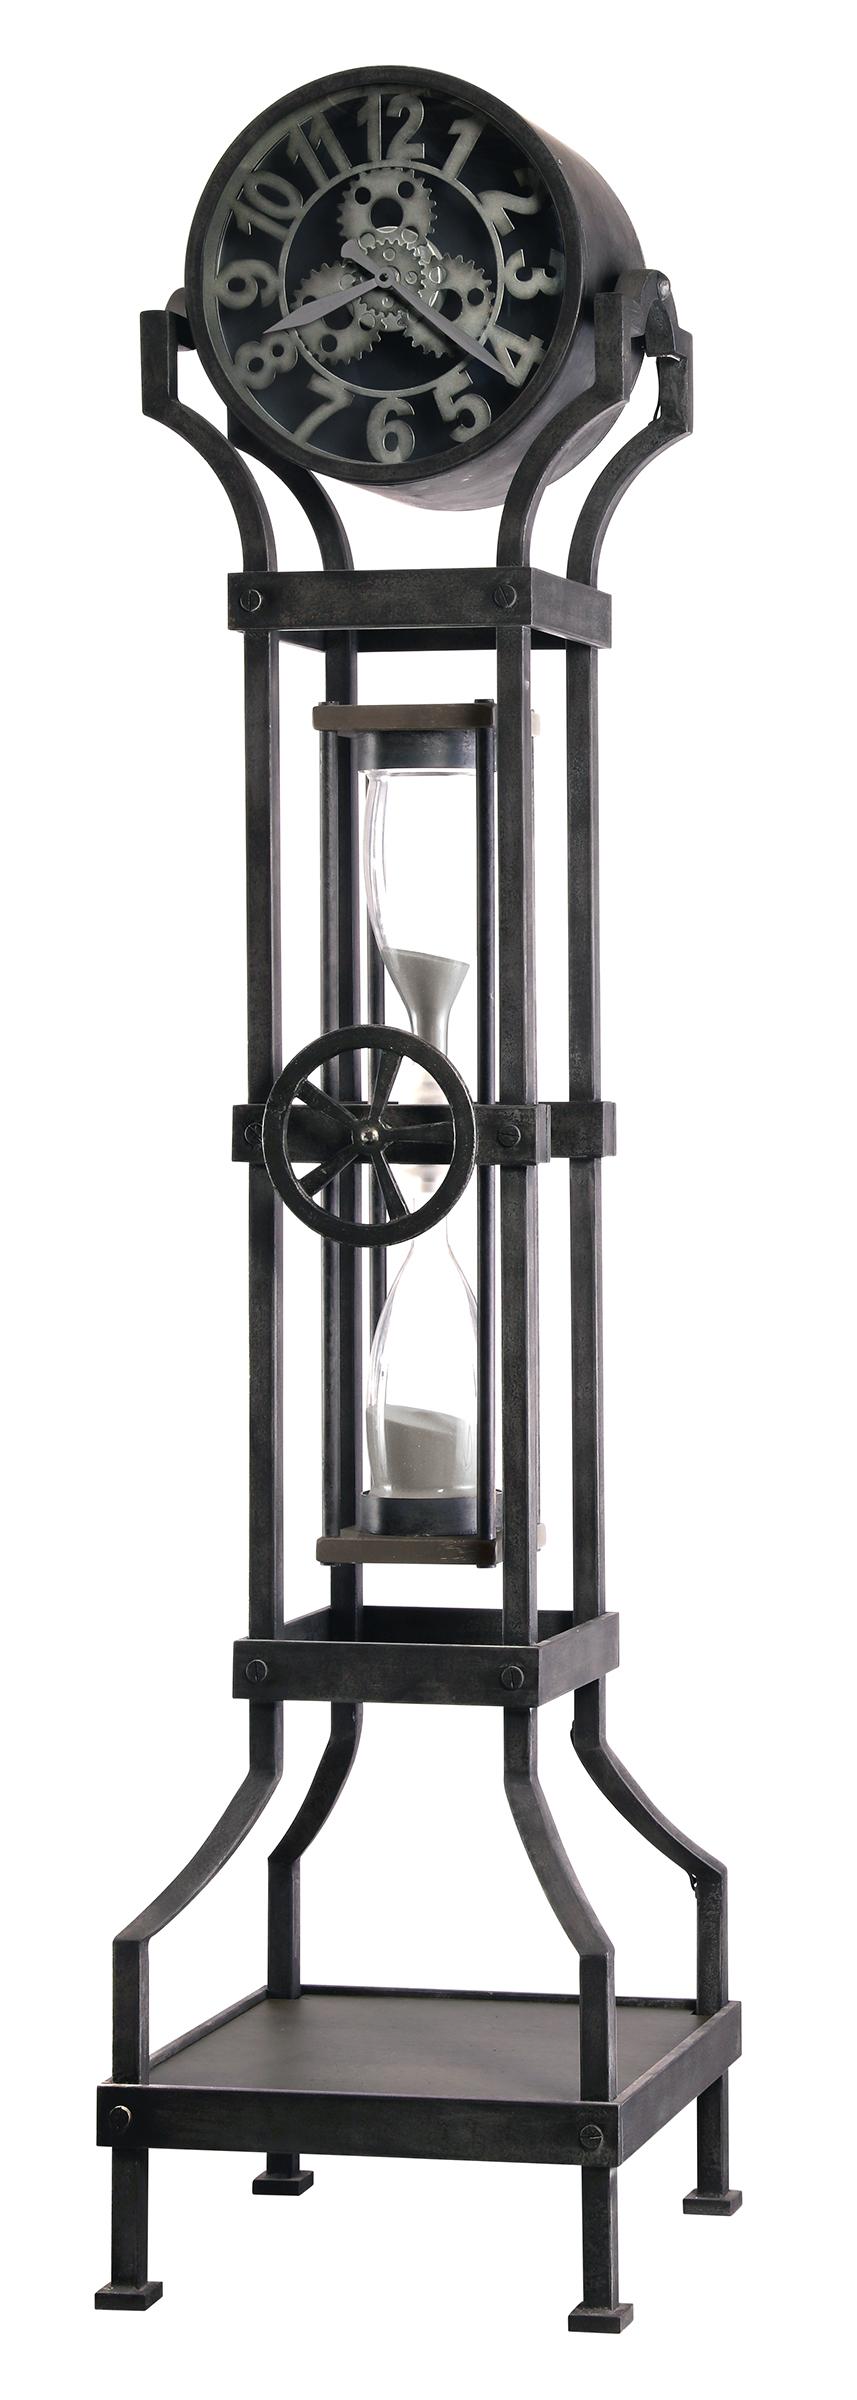 615-116 Hourglass III